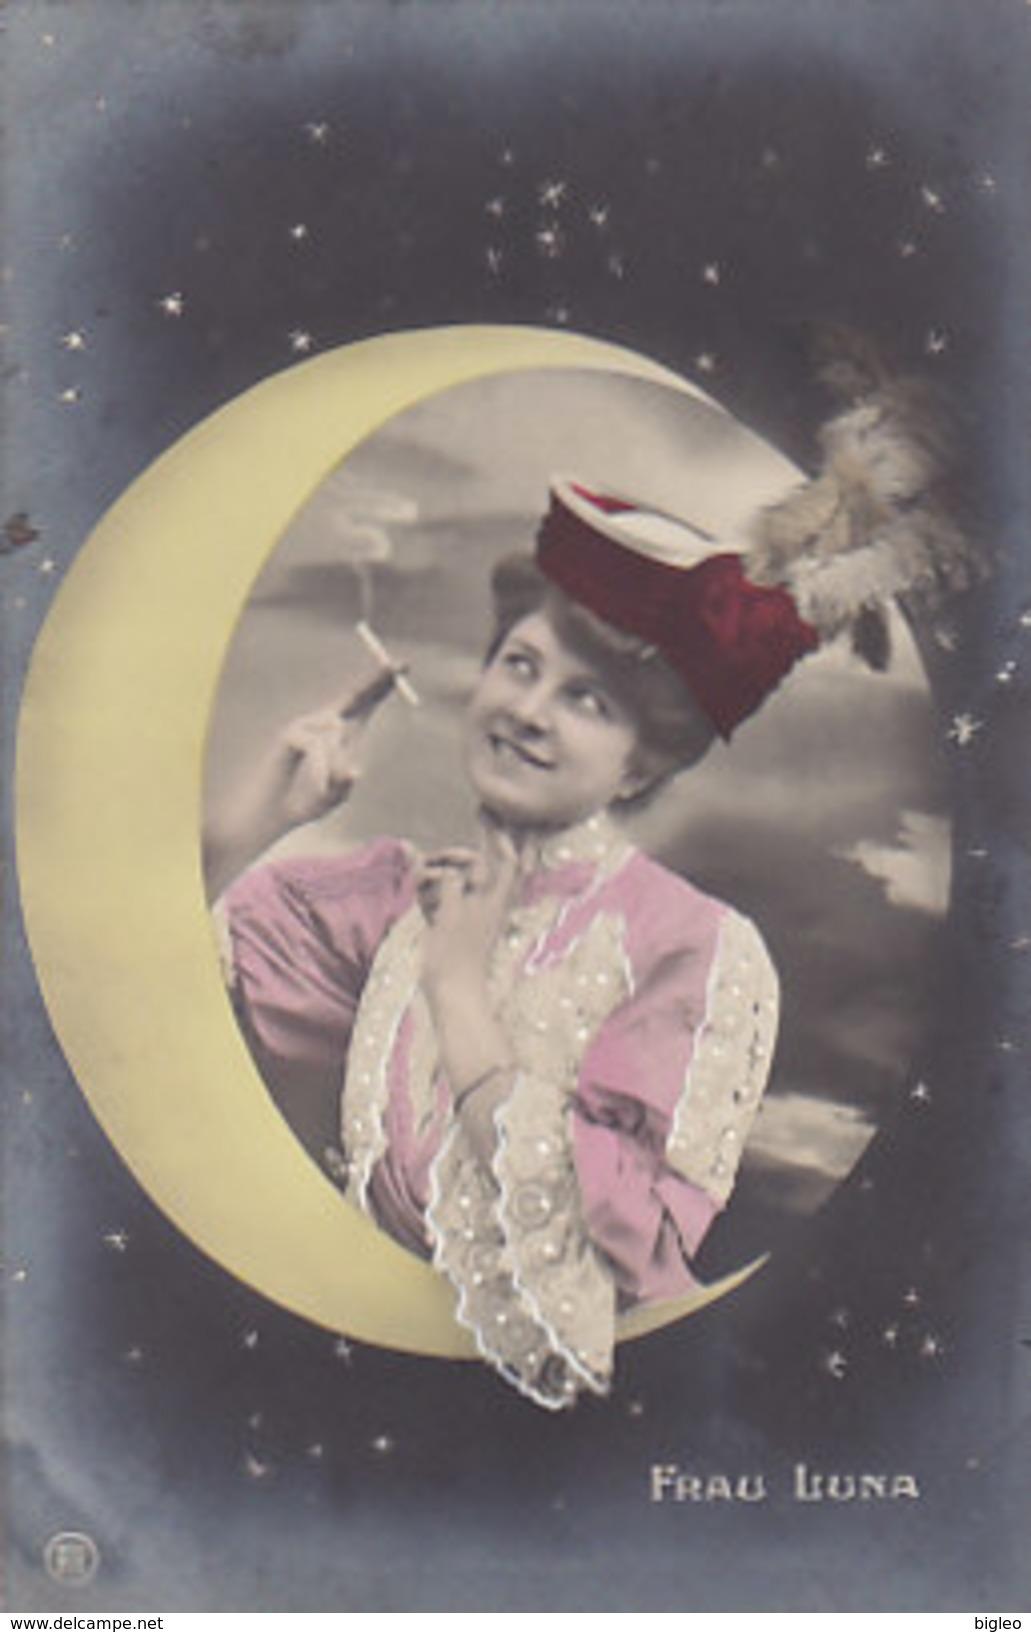 Rauchende Frau Luna - 1917     (A33-150822) - Donne